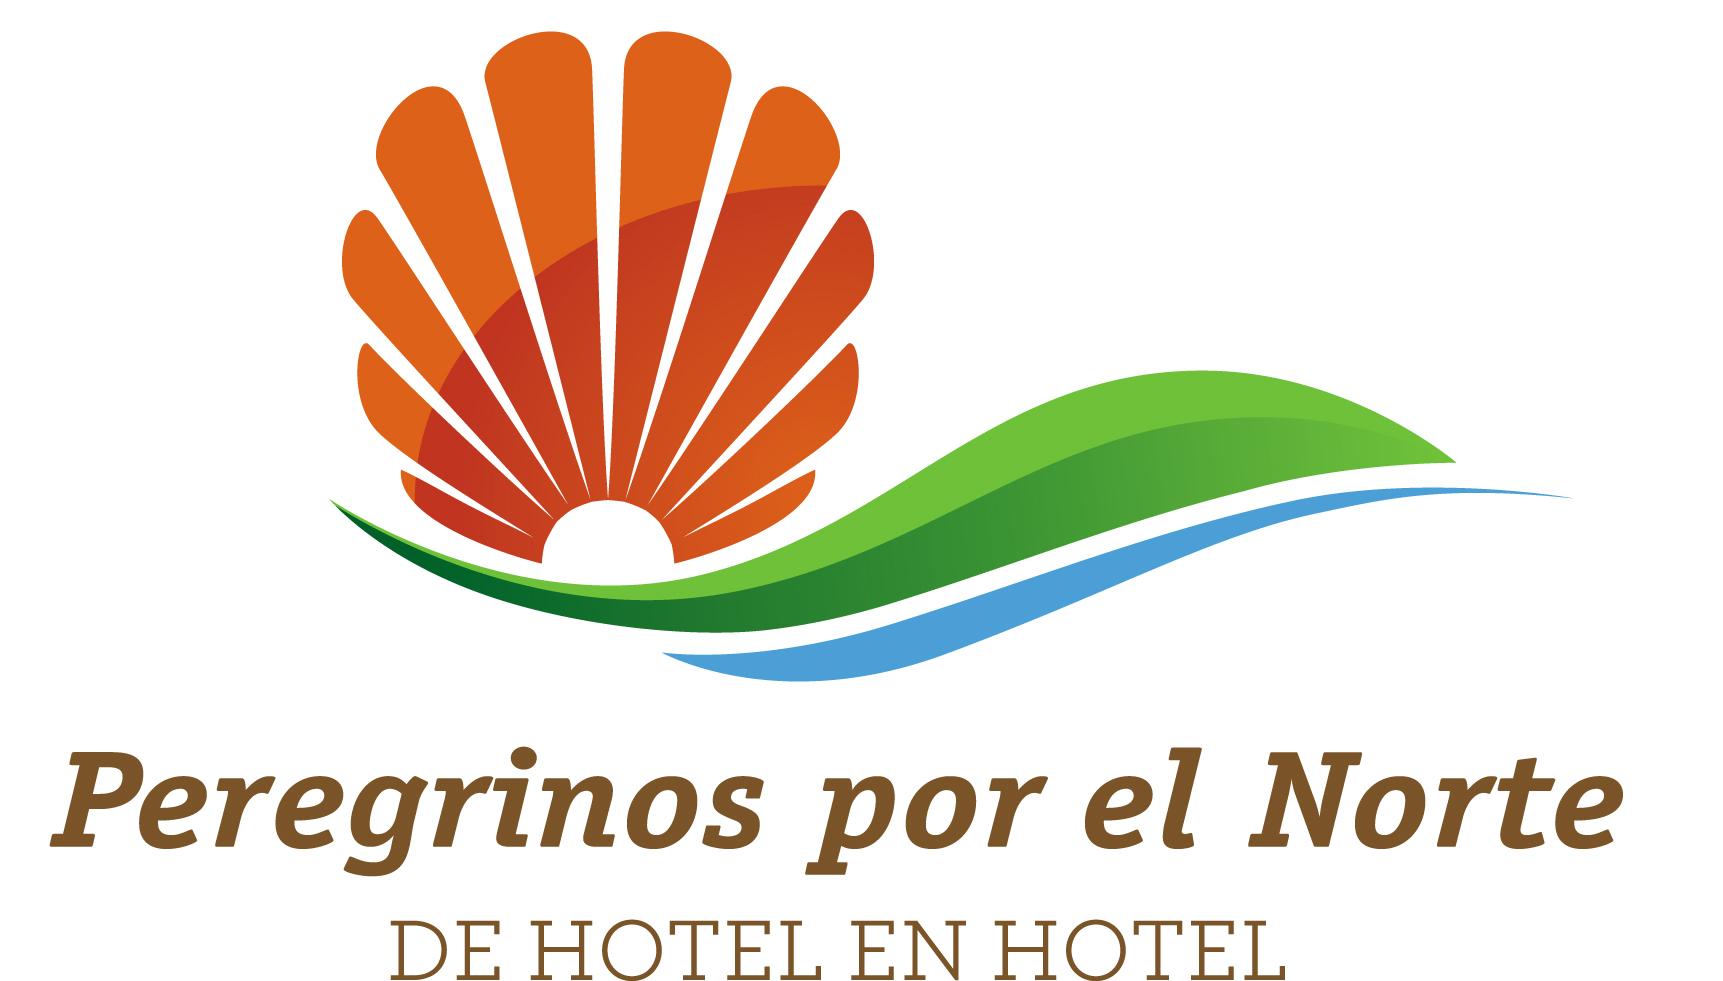 CAMINO DE SANTIAGO: PEREGRINOS POR EL NORTE